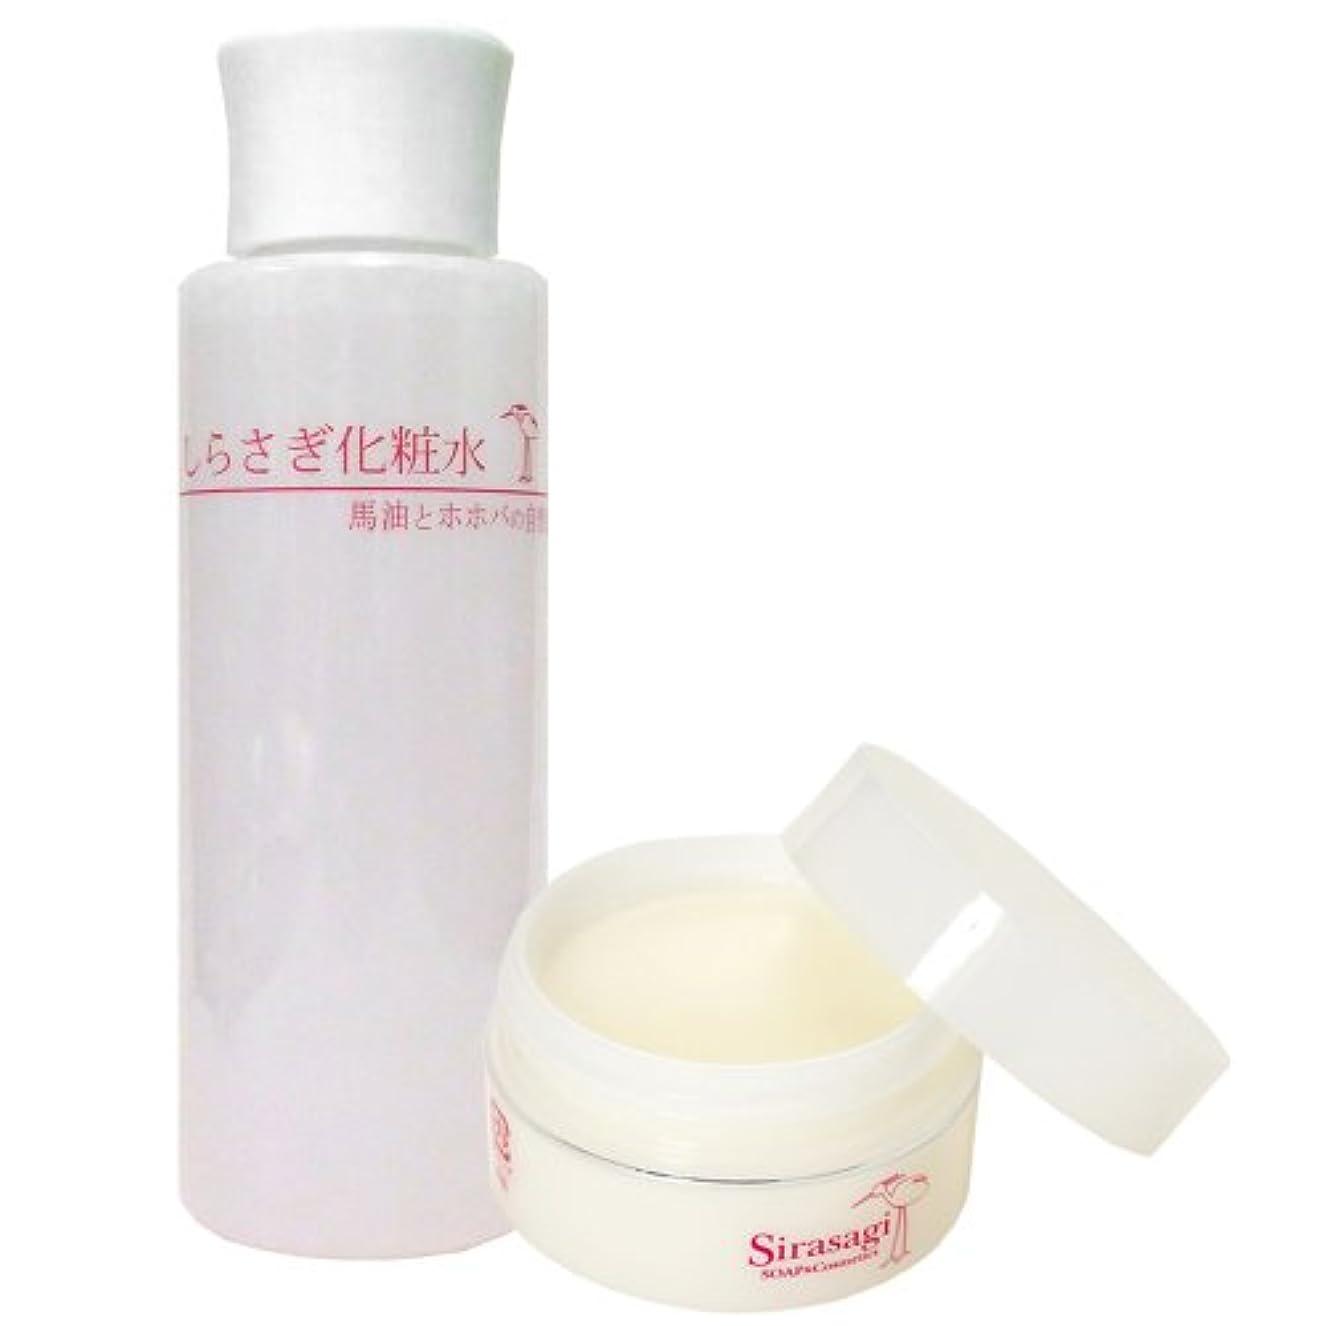 合金織機イタリックしらさぎクリーム(ラベンダーとローズウッドの香り)としらさぎ化粧水のセット